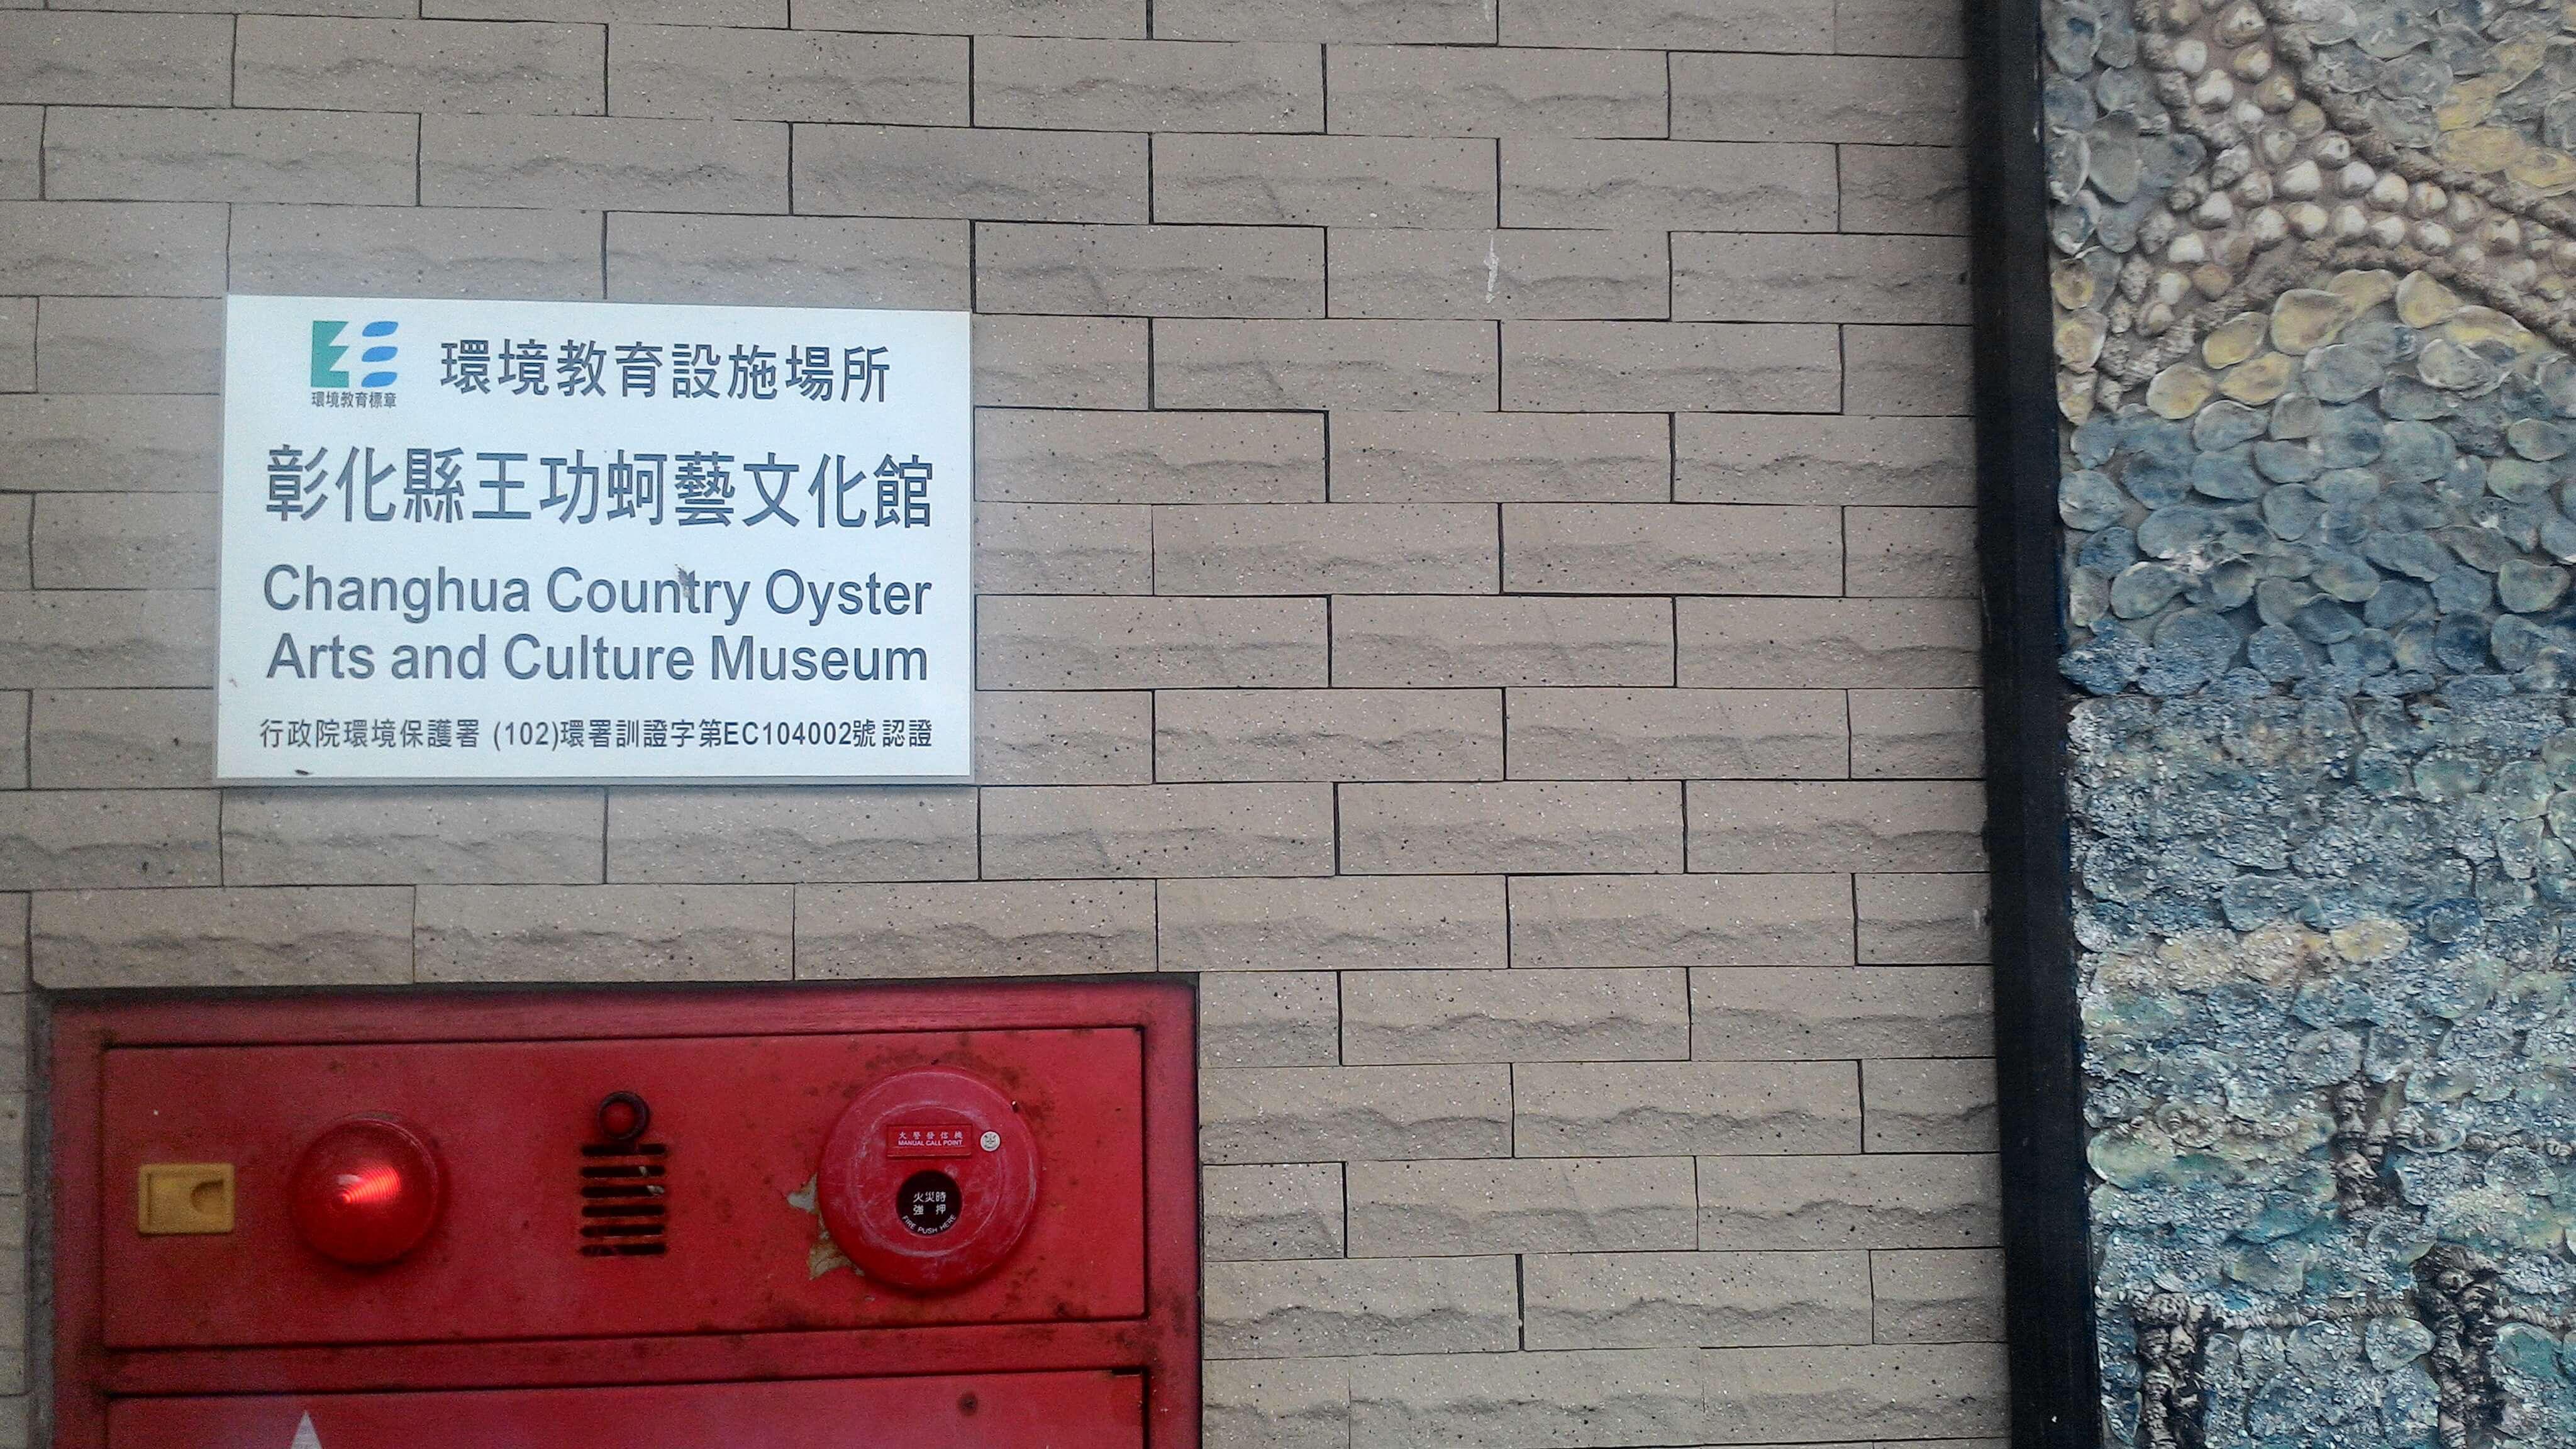 王功蚵藝文化館